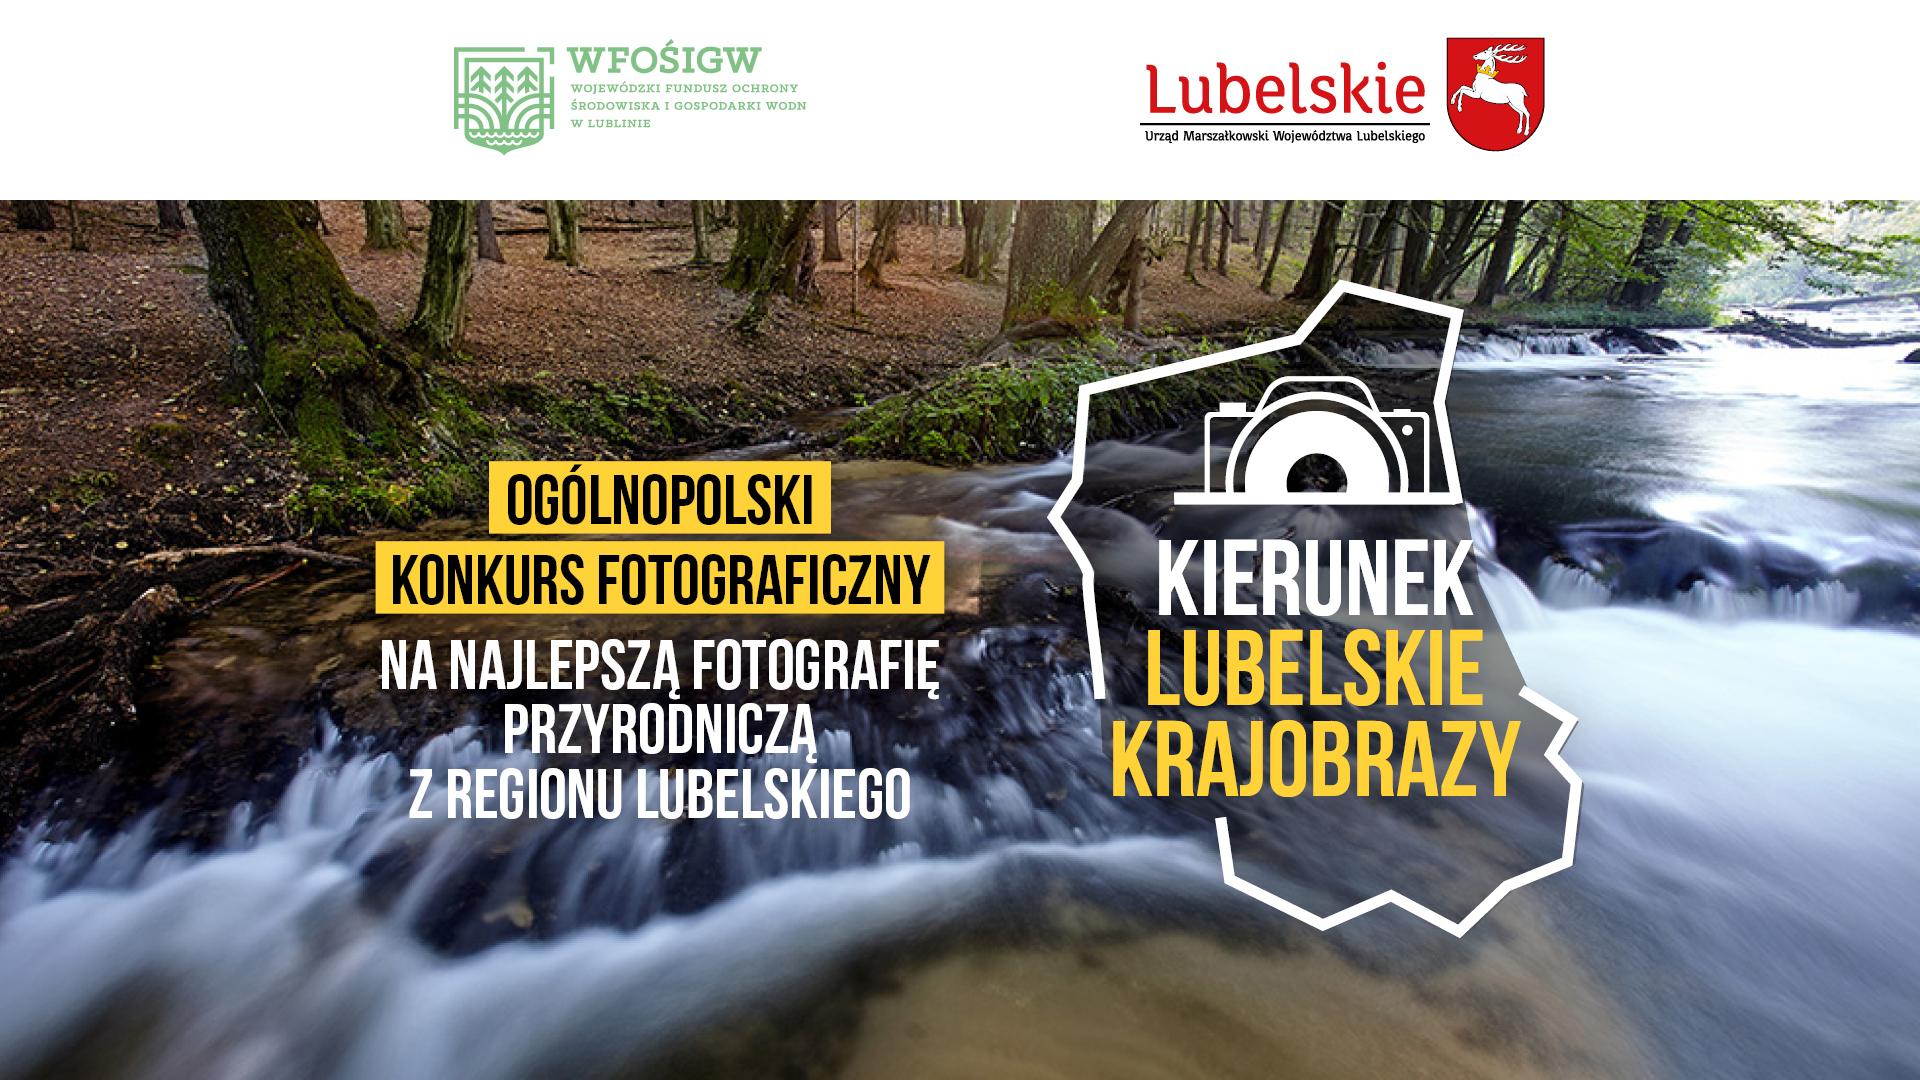 Plakat informujący o ogólopolskim konkursie fotograficznym na najlepszą fotografię przyrodniczą z regionuy lubelskiego